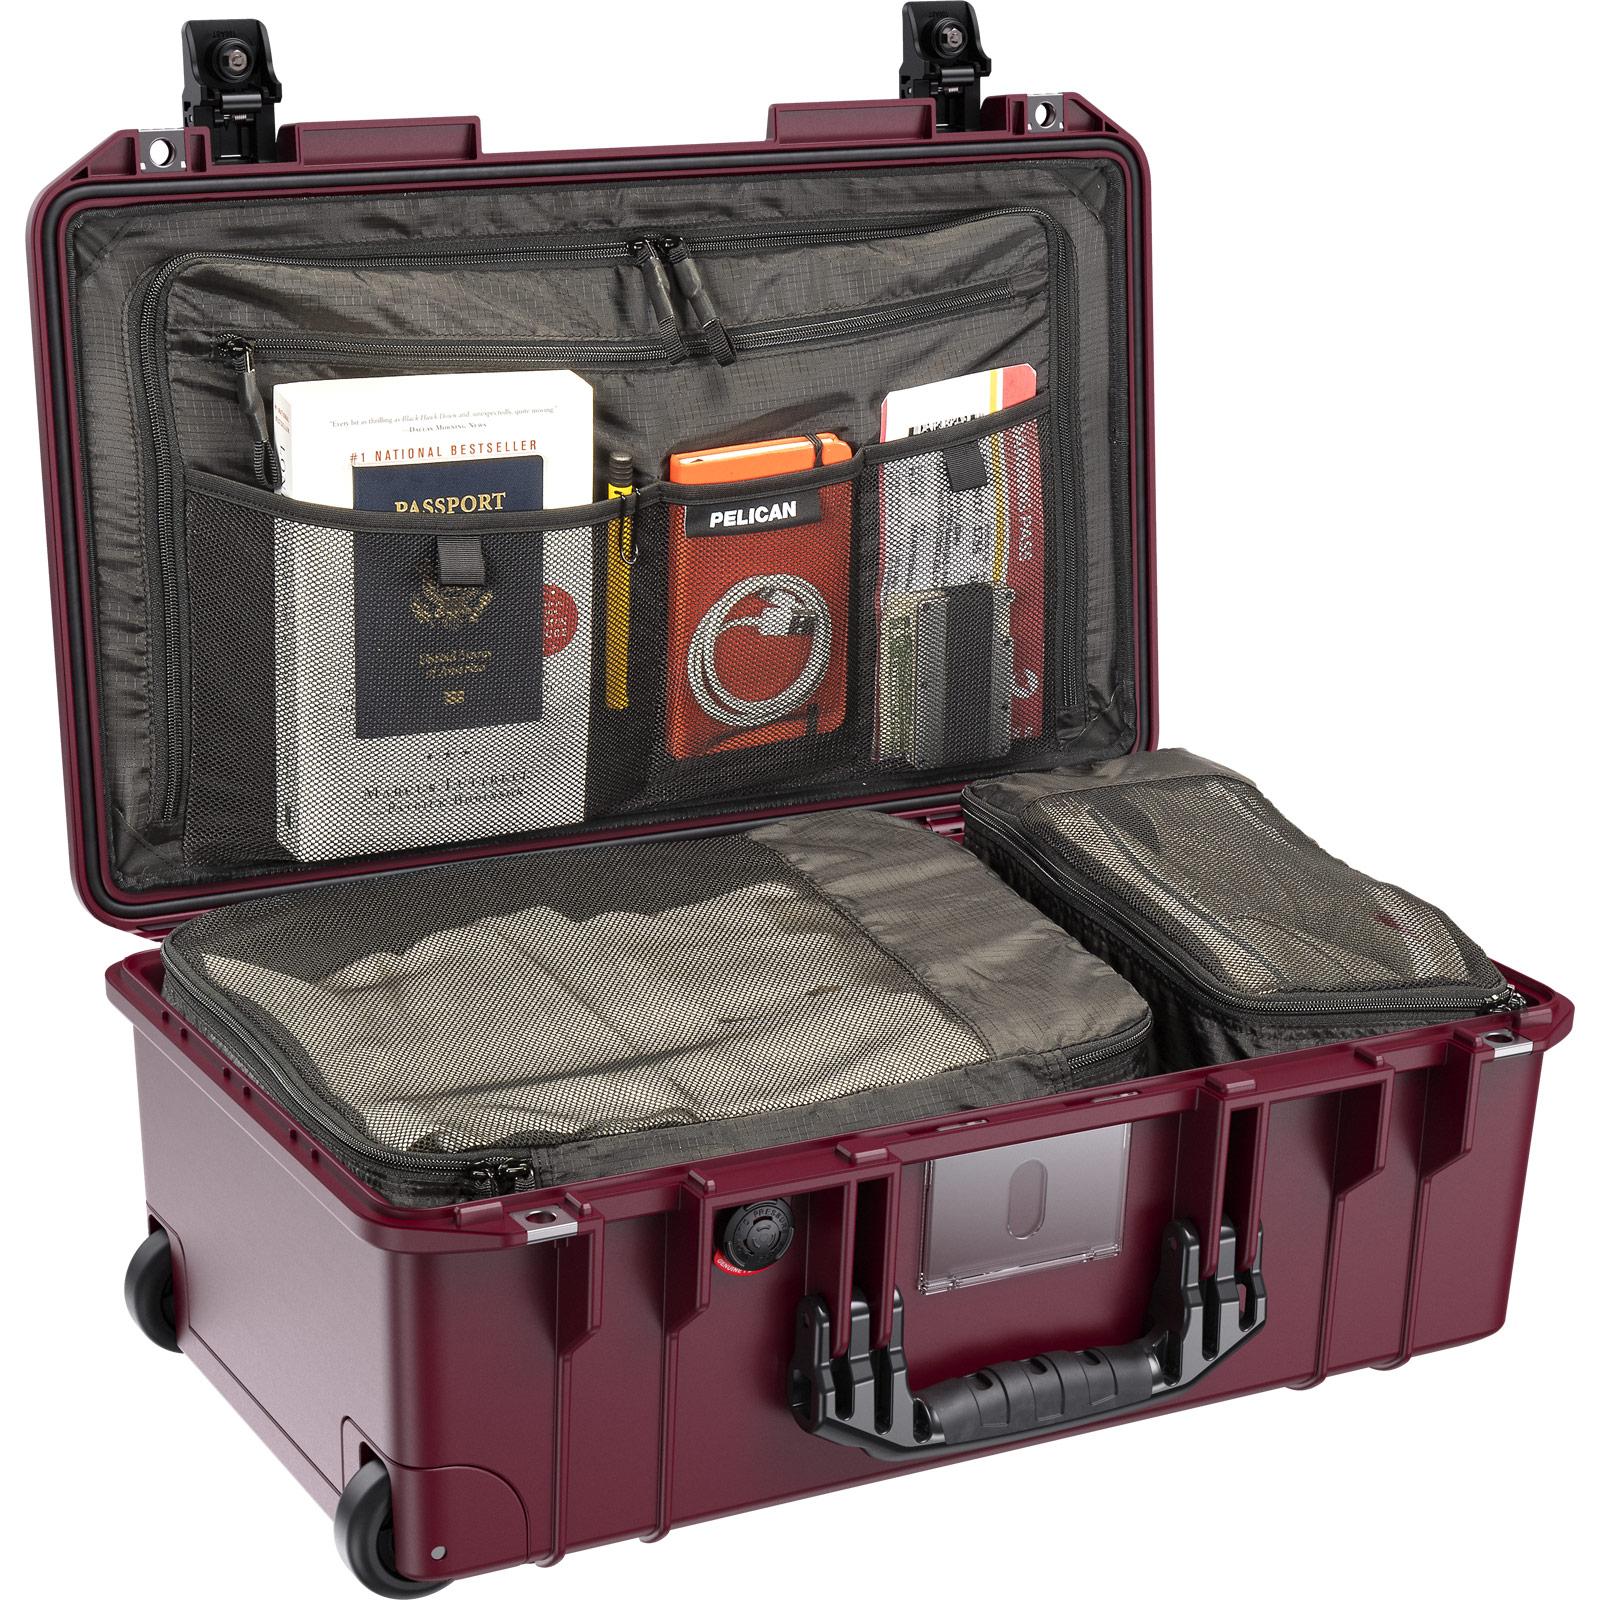 pelican 1535 organizer air travel cases